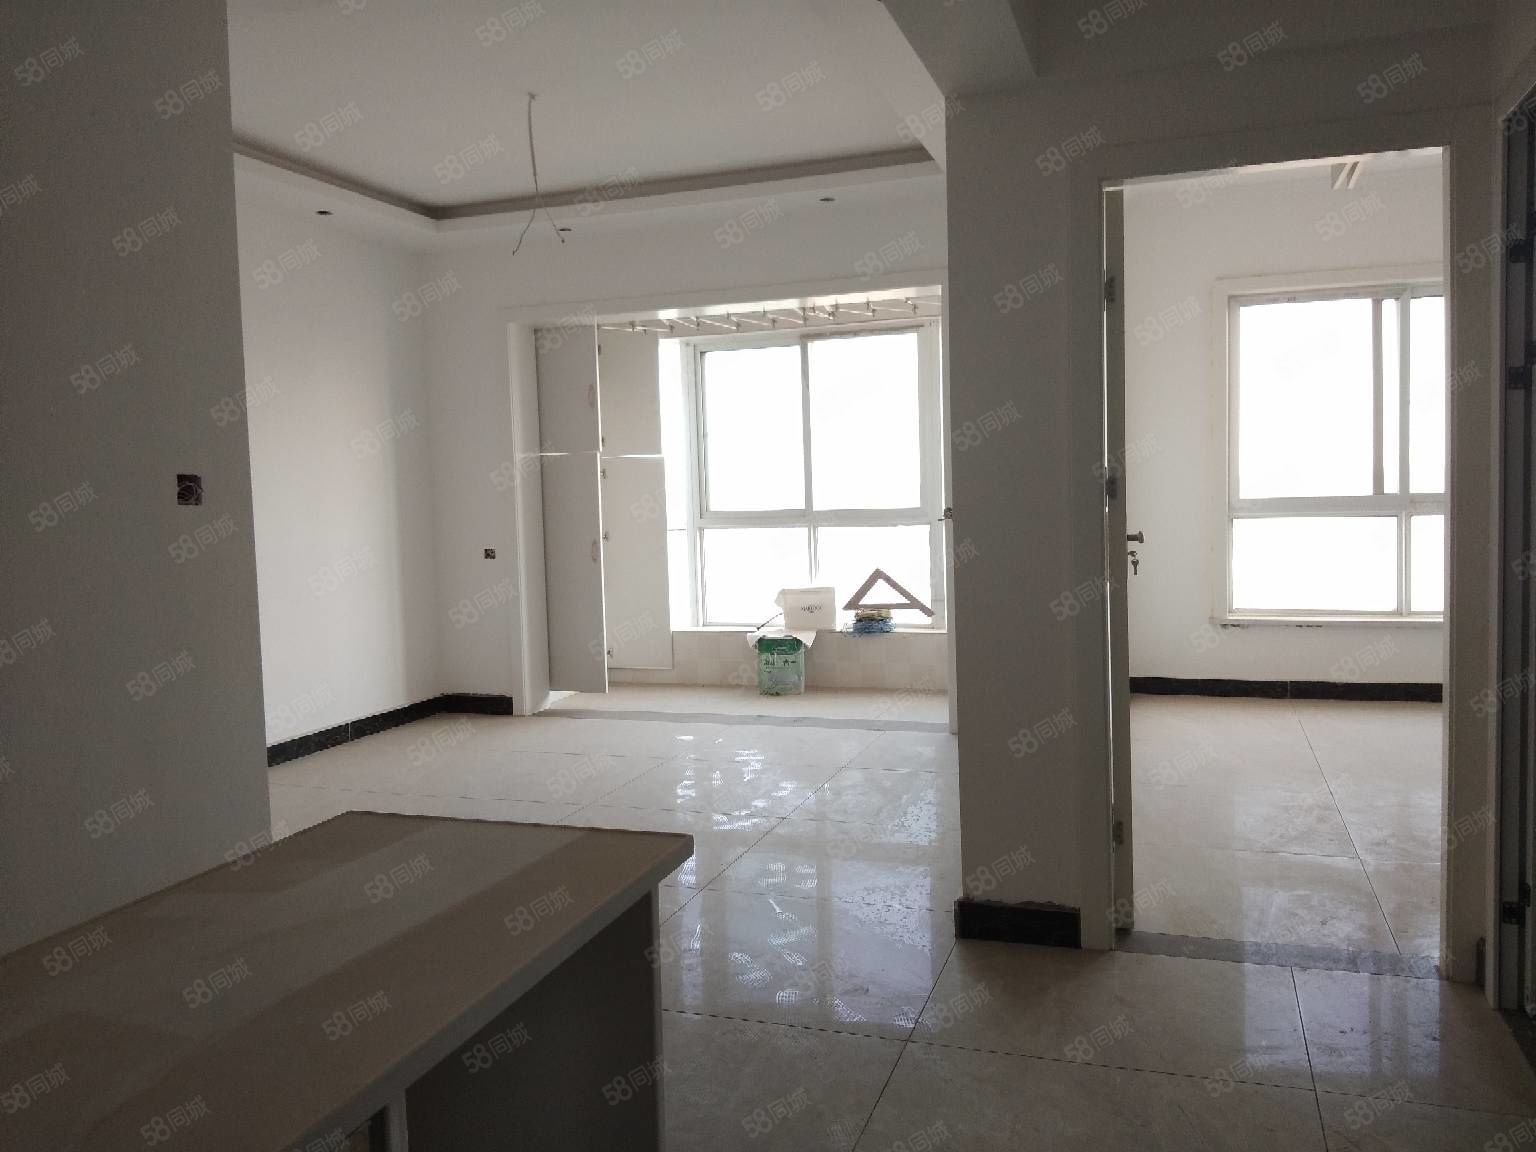 出售狀元府邸高層小兩室新裝修房